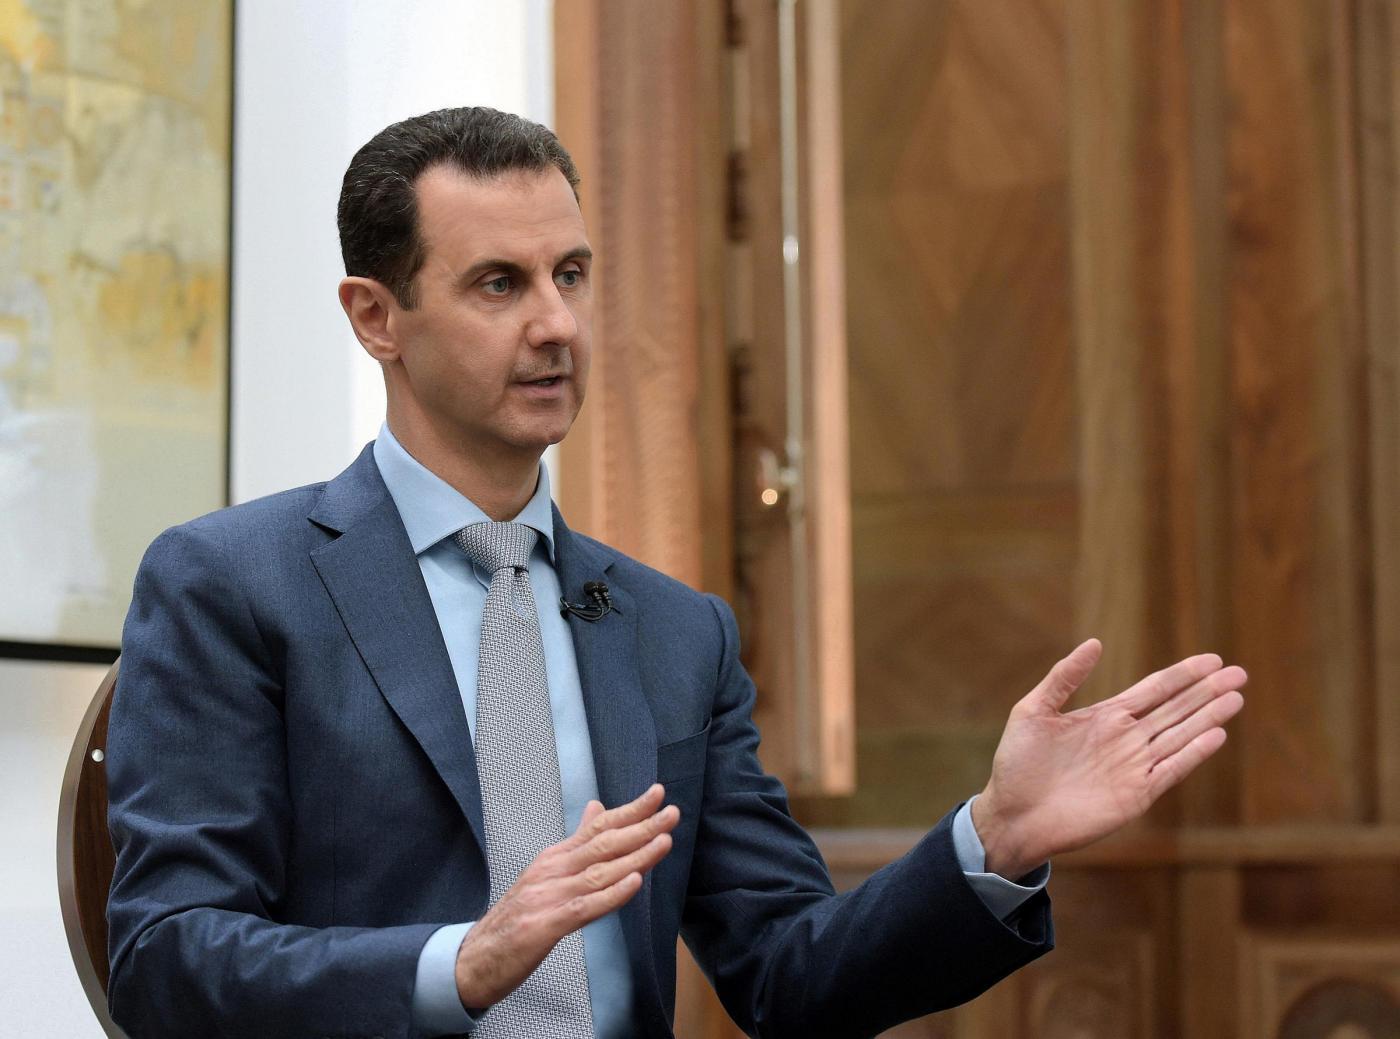 Damasco, Assad e la moglie incontrano donne e bambini